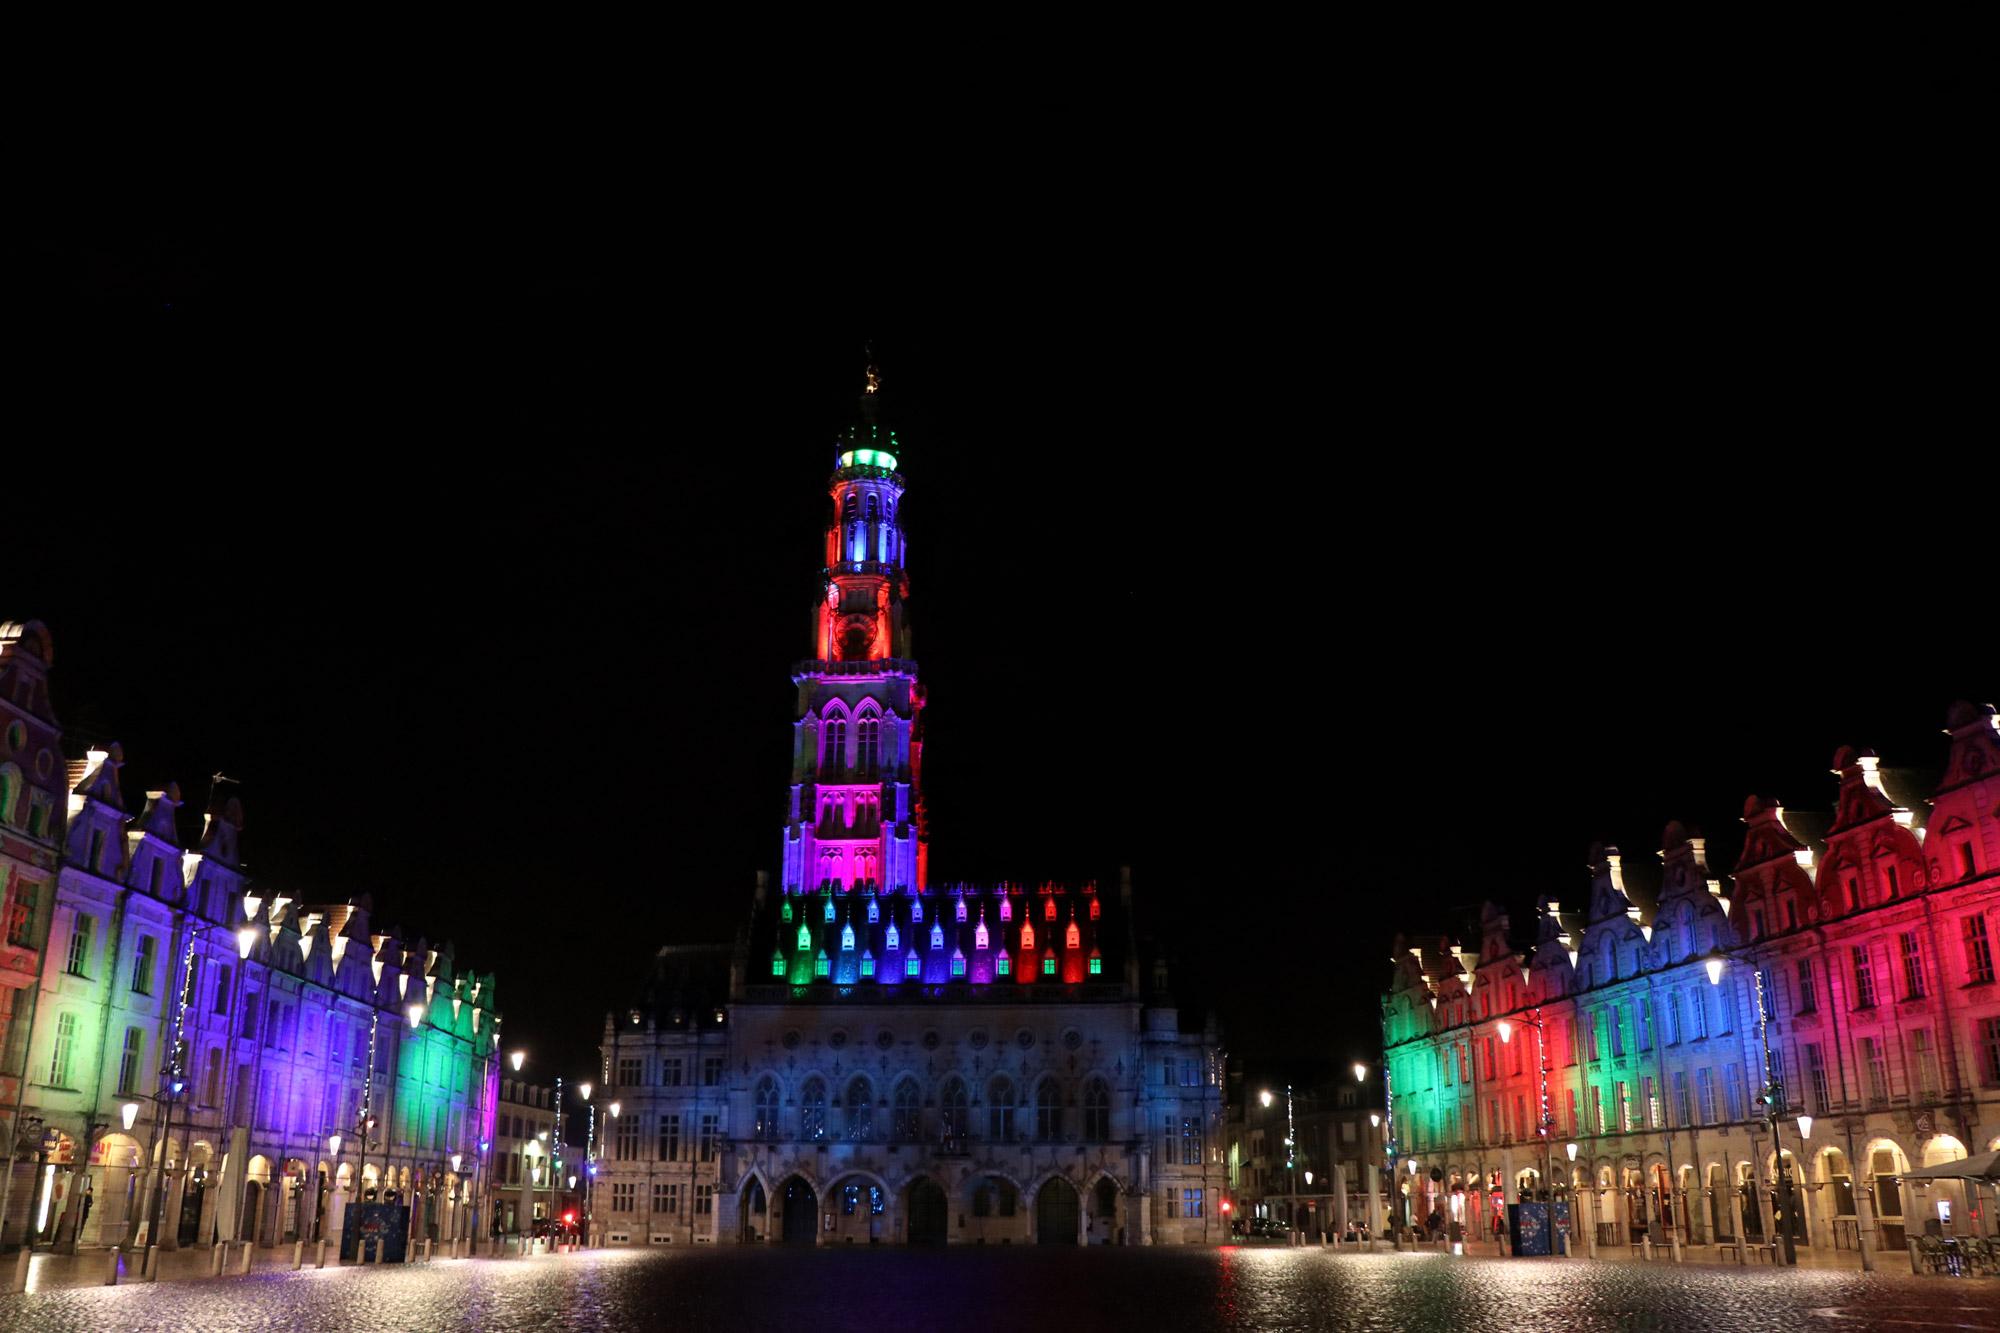 Stedentrip Arras - Lichtshow op het Place de Héros